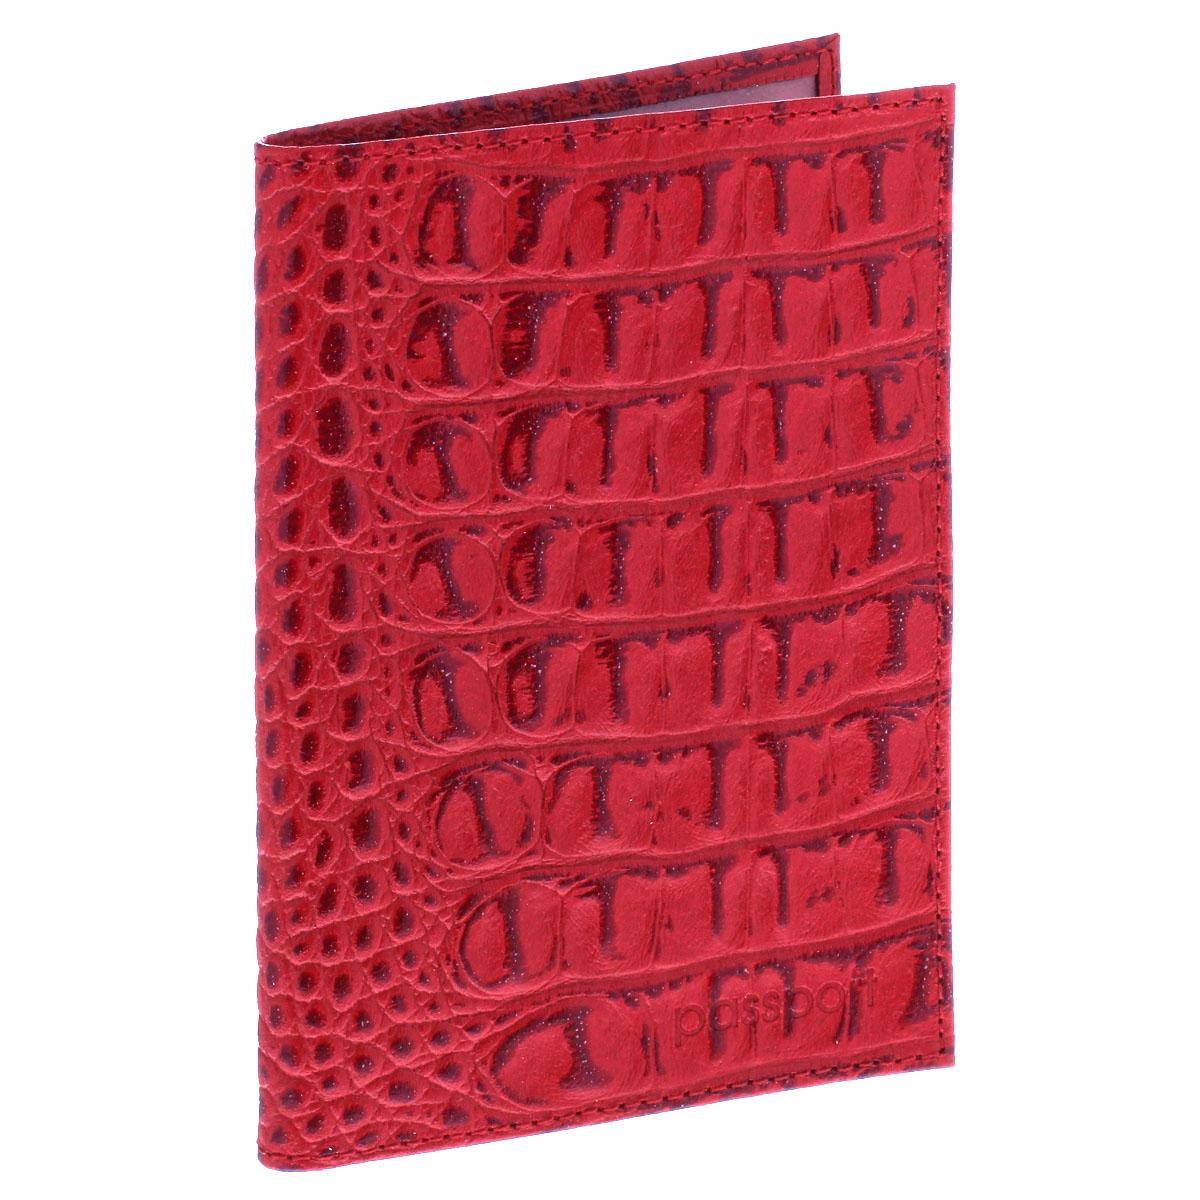 Обложка для паспорта Befler, цвет: красный. O.1.-13O.1.-13. красныйУльтрамодная обложка для паспорта Befler изготовлена из натуральной кожи и оформлена тиснением под рептилию. Изделие с обеих сторон дополнено тиснеными надписями. Внутри - два прозрачных боковых кармана из мягкого пластика, которые обеспечат надежную фиксацию вашего документа. Изделие упаковано в фирменную коробку. Модная обложка для паспорта не только поможет сохранить внешний вид вашего документа и защитить его от повреждений, но и станет стильным аксессуаром, который эффектно дополнит ваш образ.